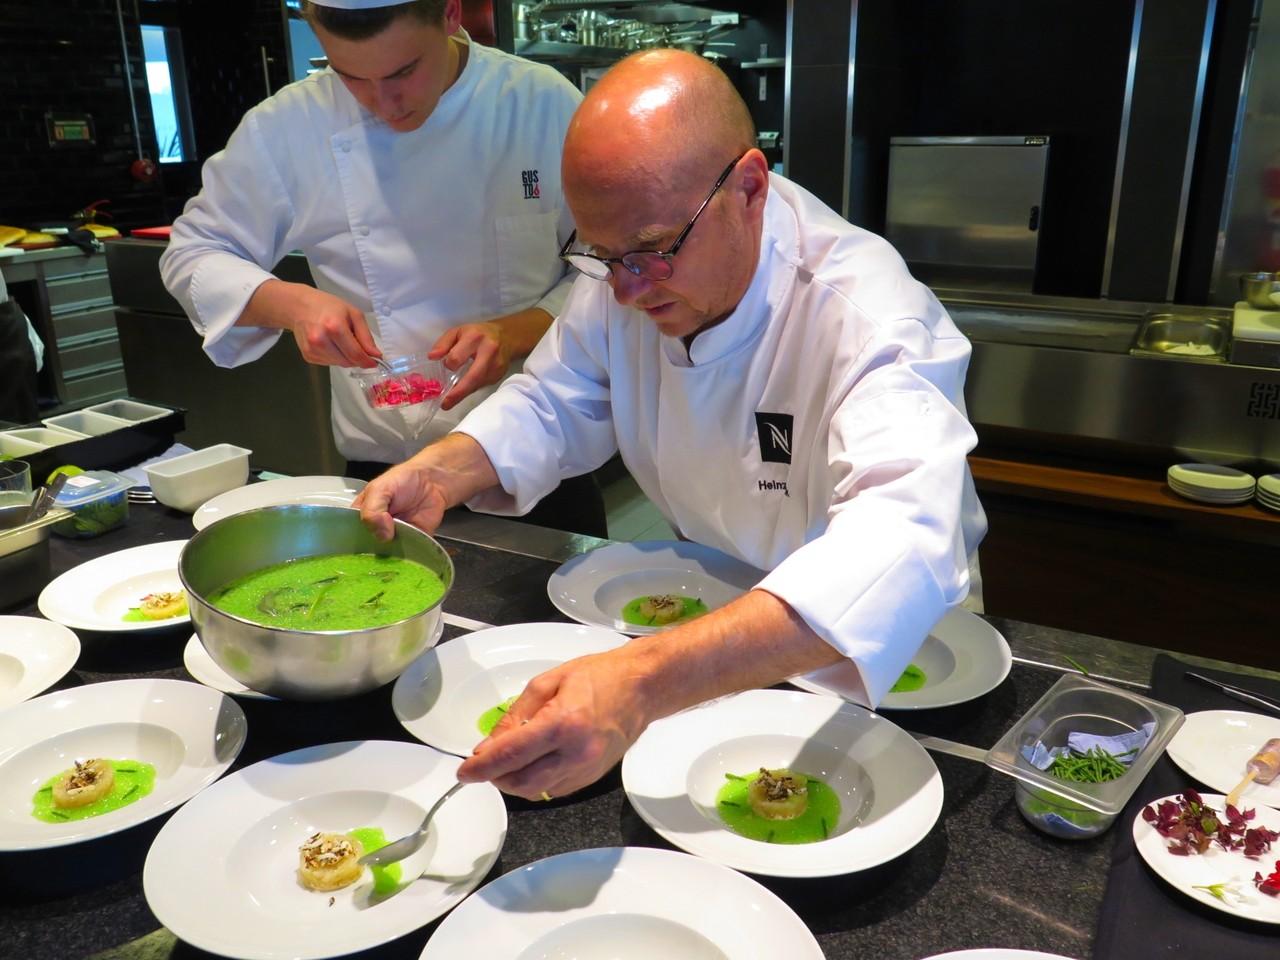 Heinz Beck e o gaspacho de vegetais e frutos verdes